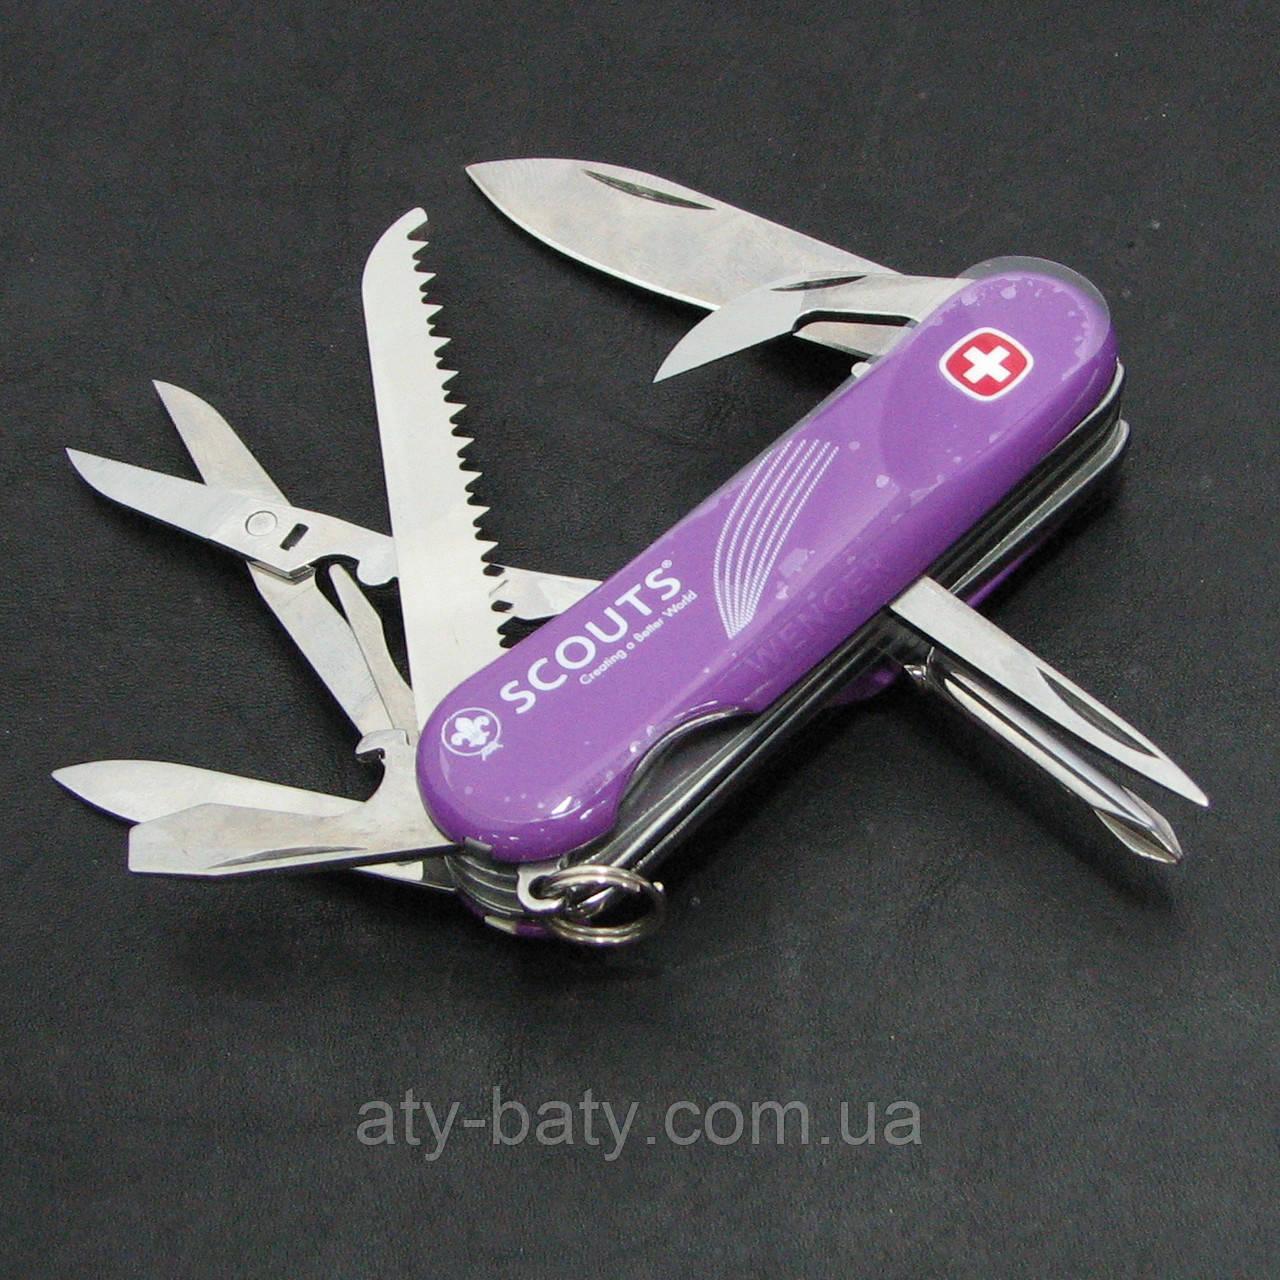 Нож Wenger Scout Junior в подарочной коробке (1.18.92.327 X)